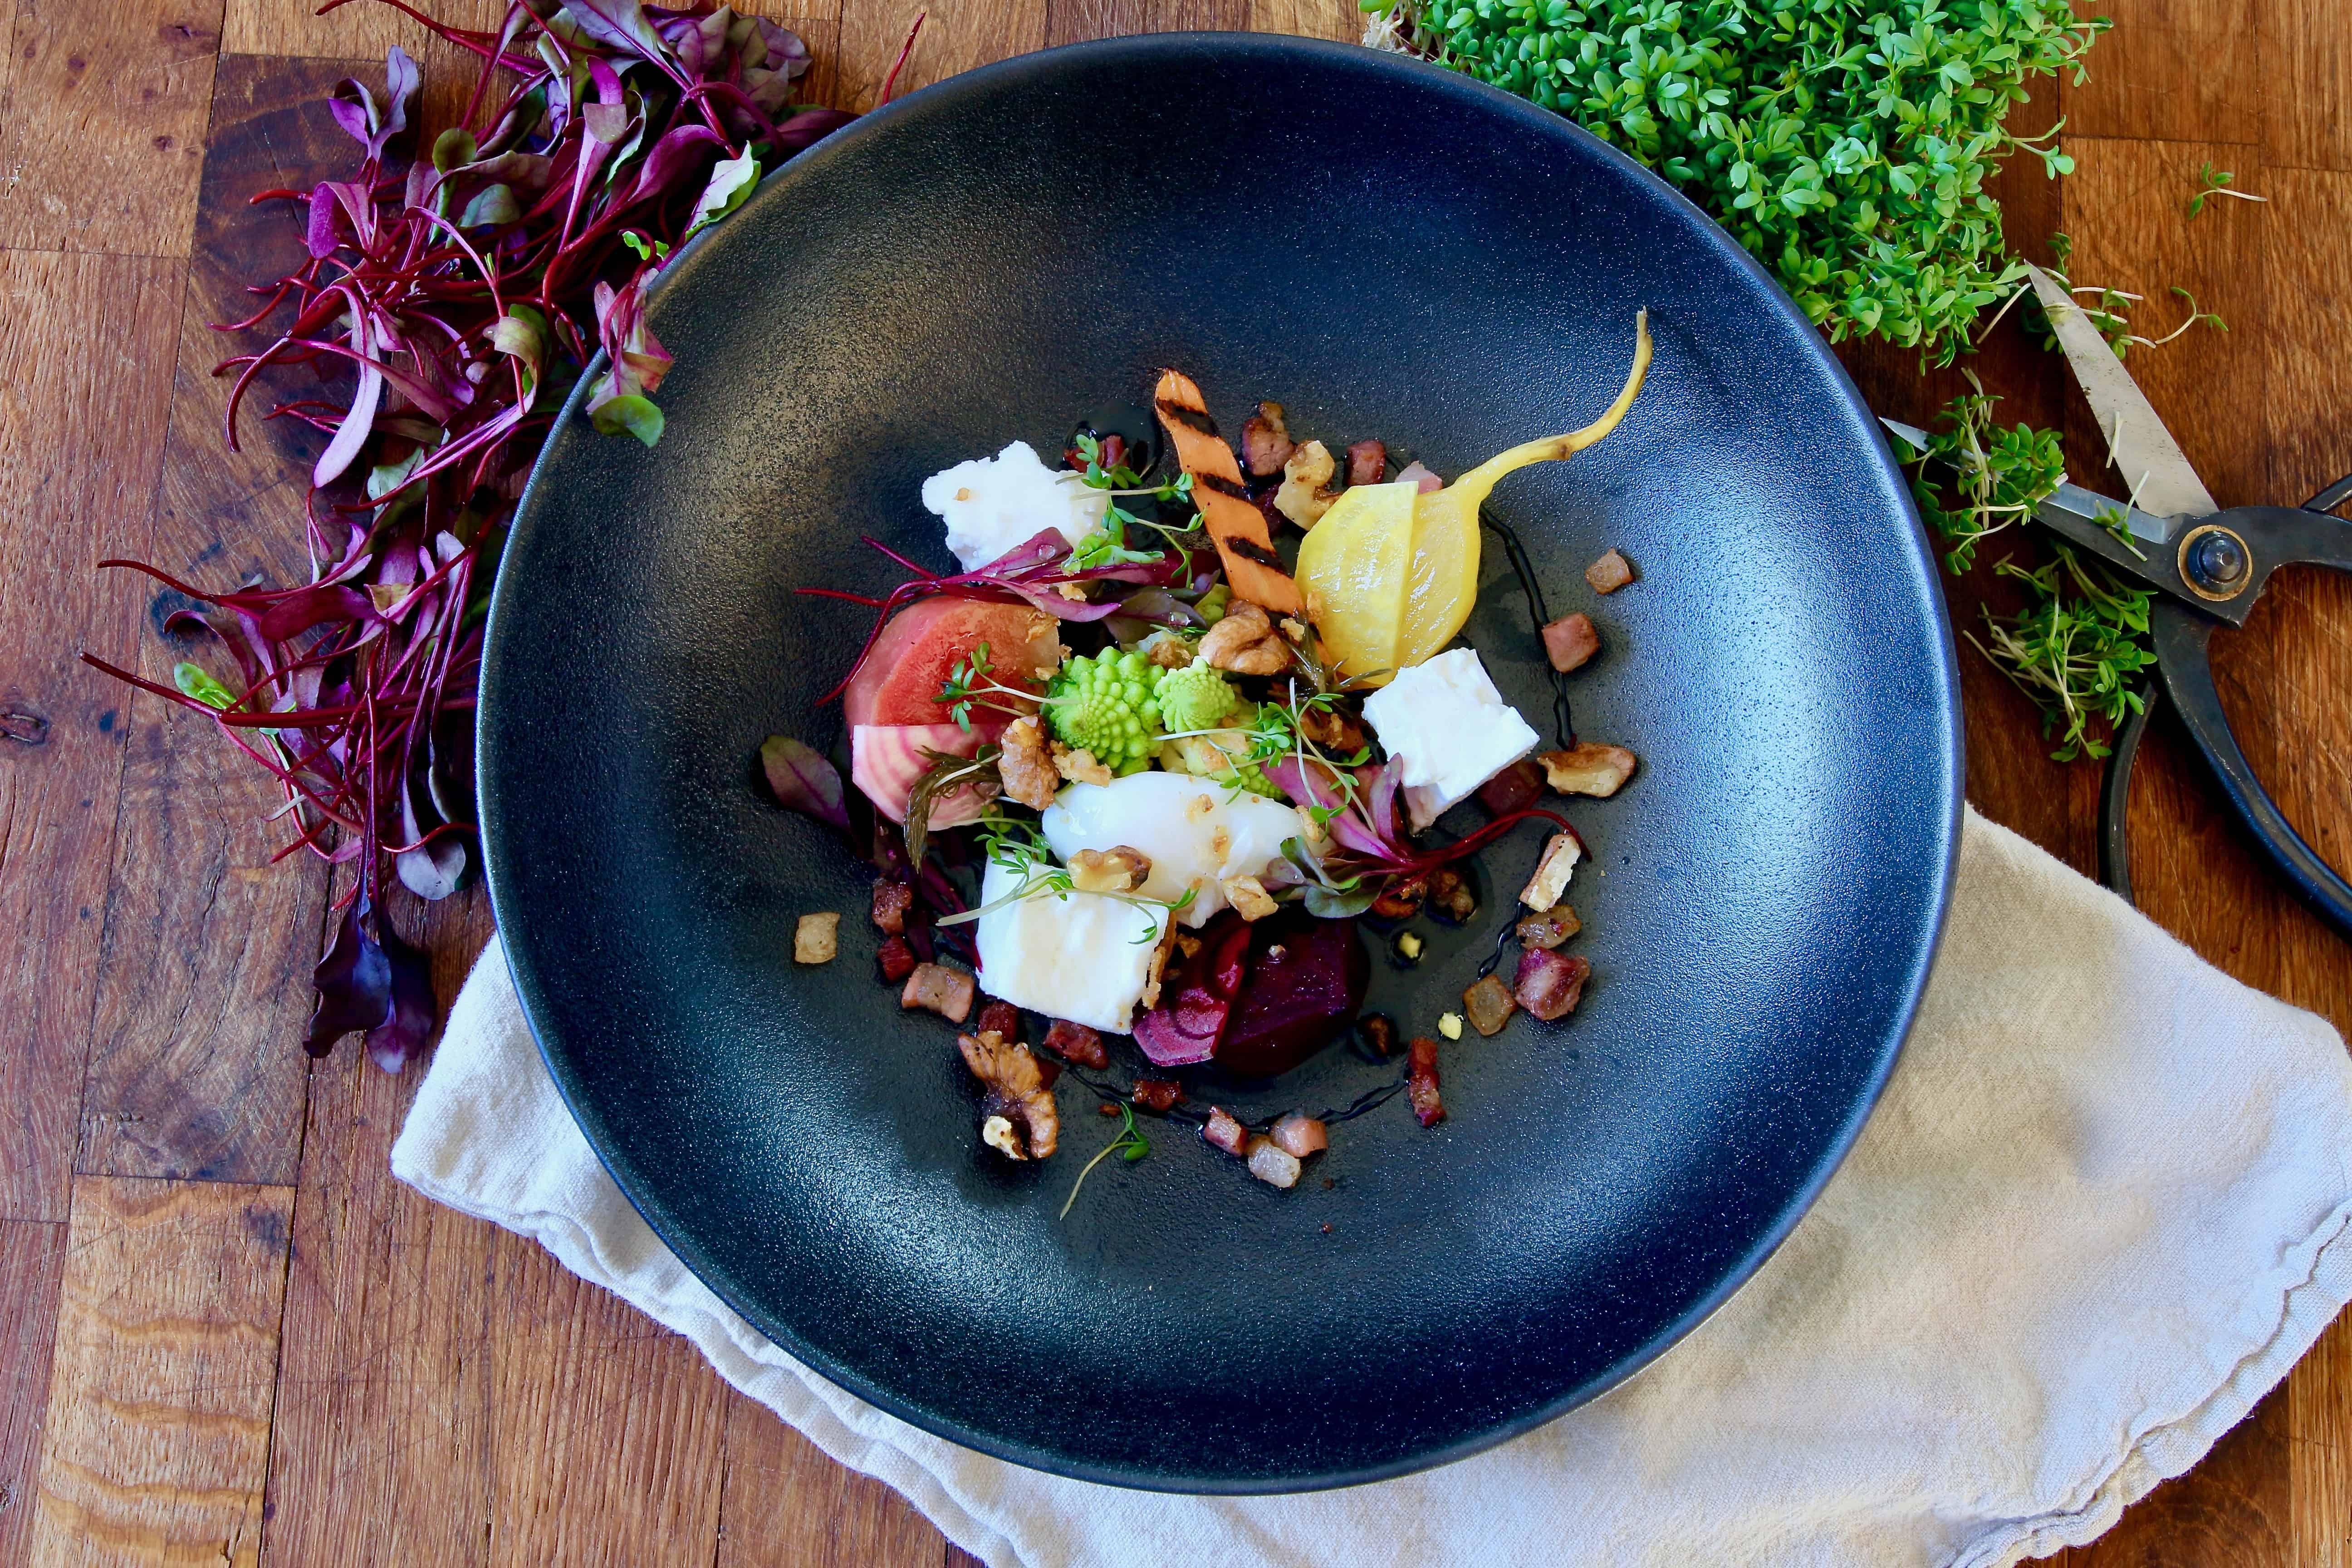 Recept: Vårig middag med rödbetor, fetaost och valnötter